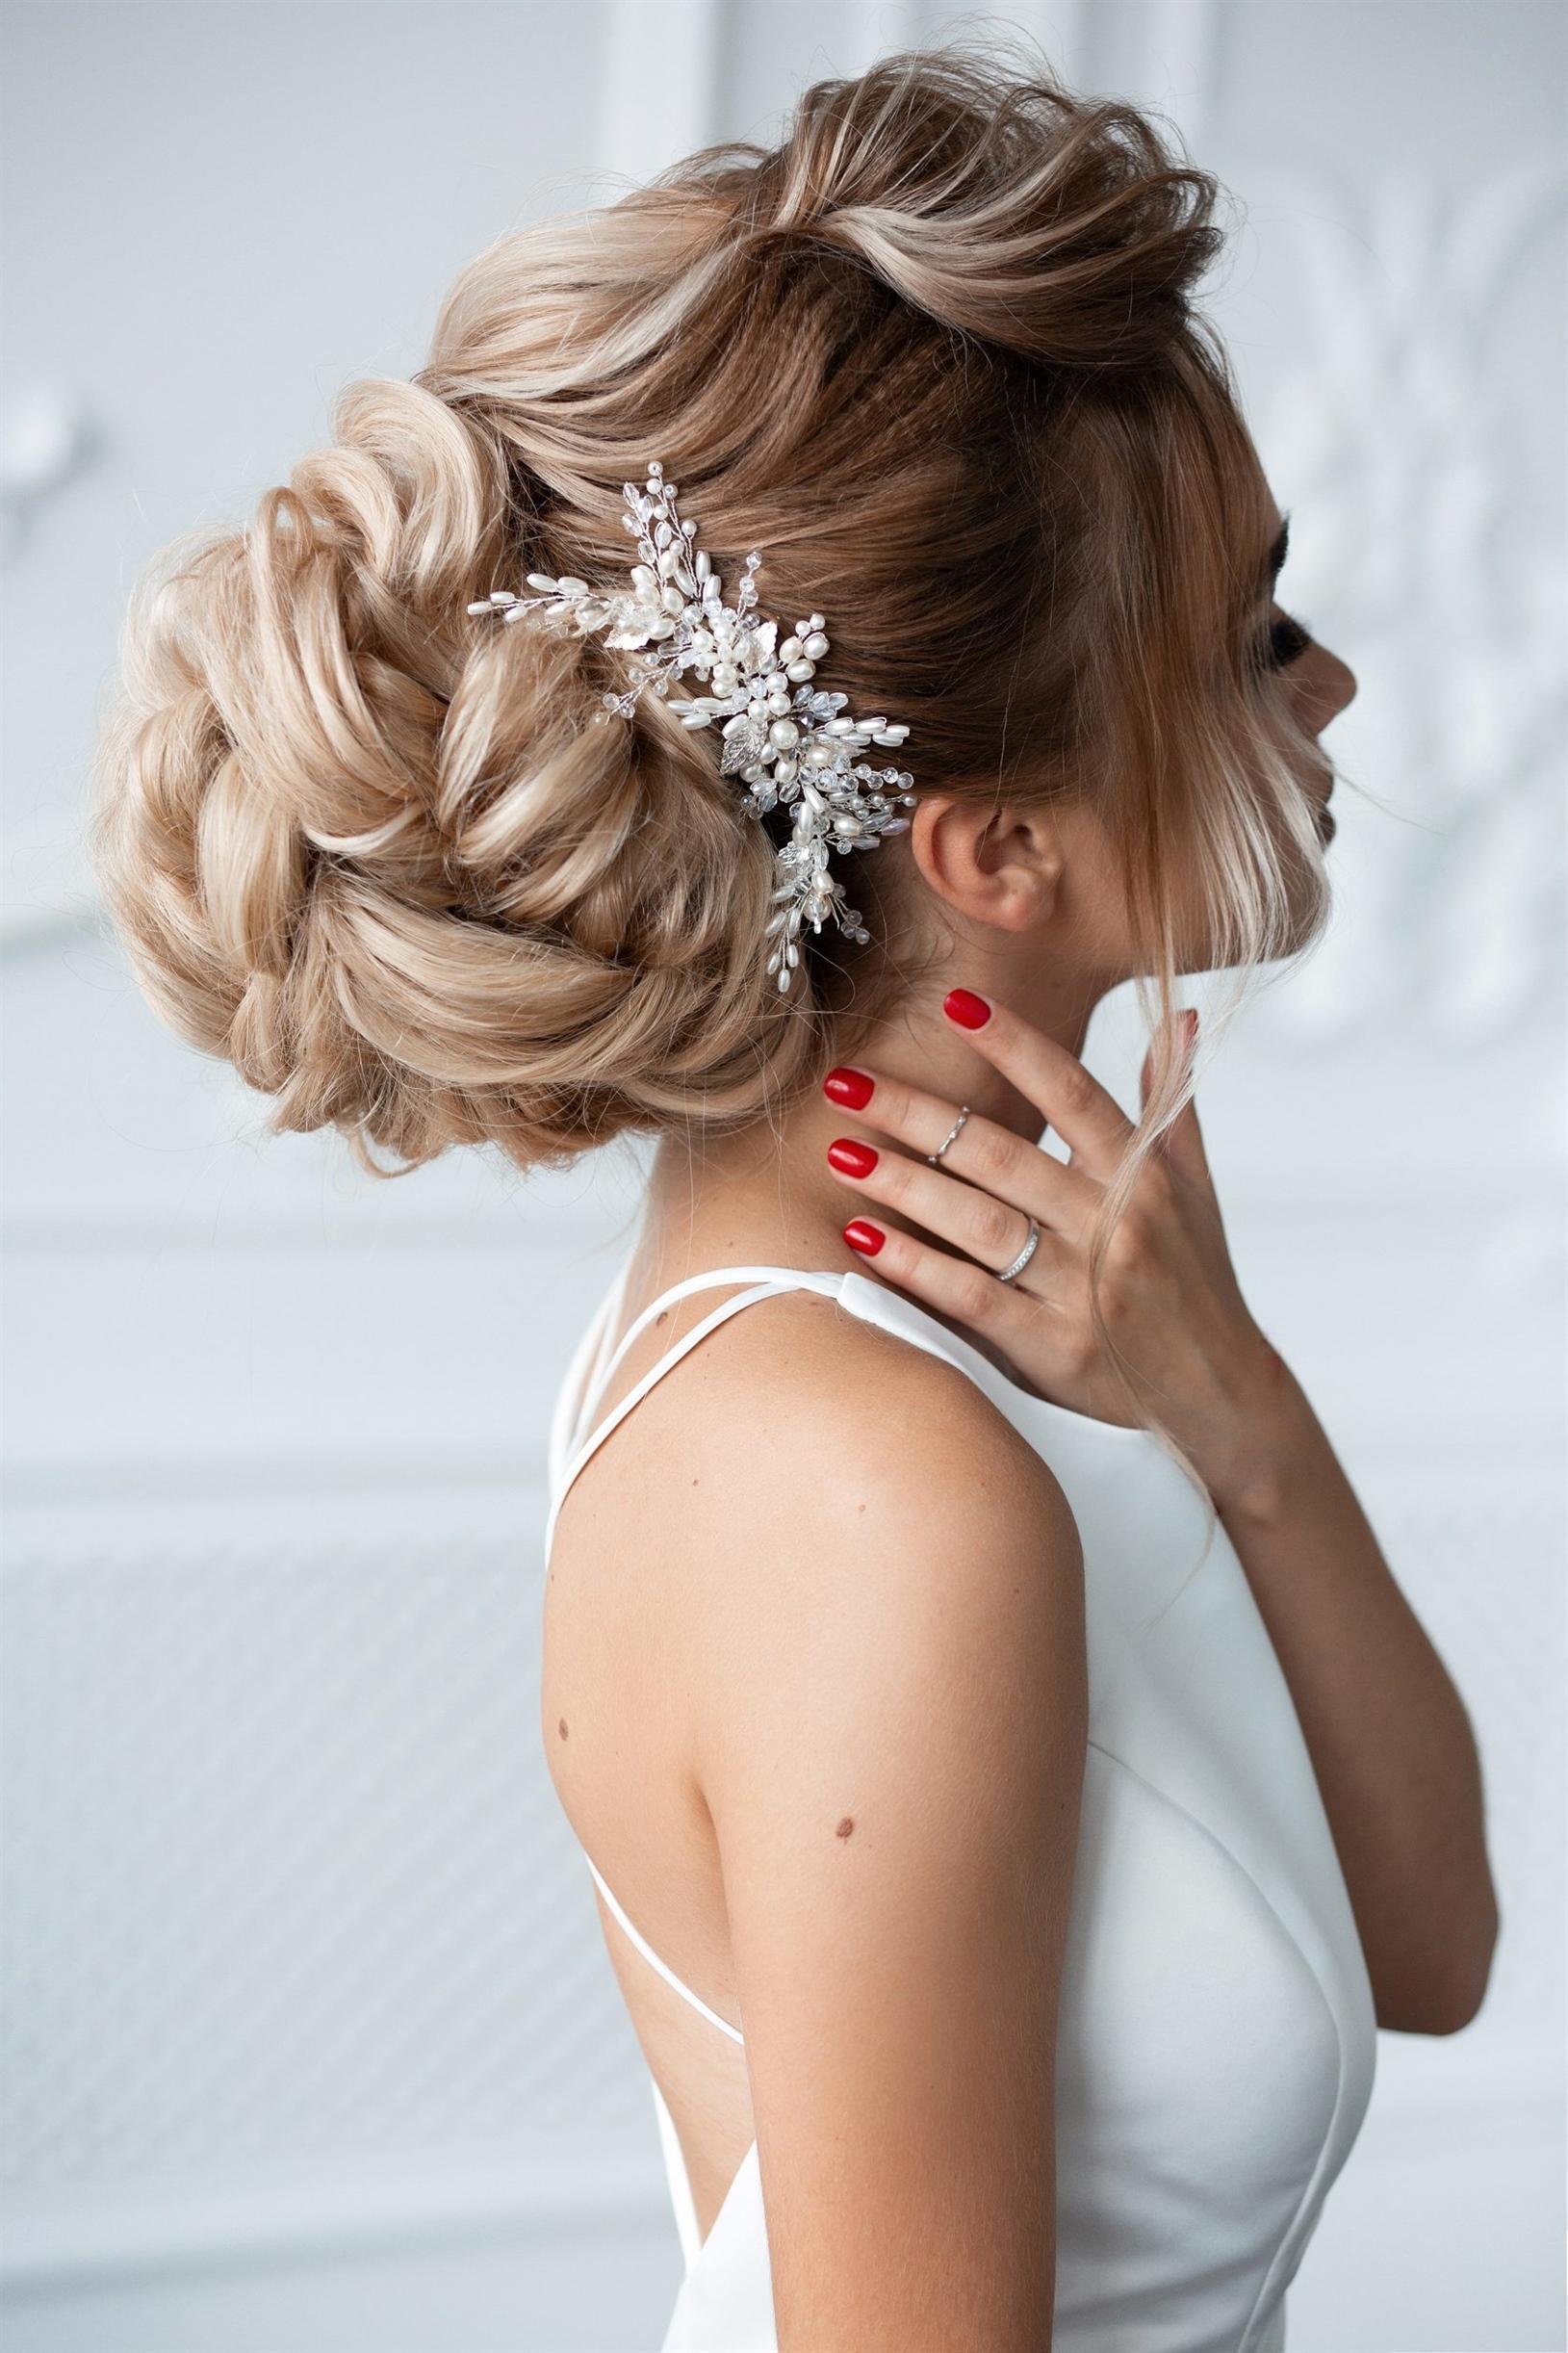 Elegante Brautfrisuren Locken  Dieses Modell, das mit Blumen von hinten gerafft ist, hat auf beiden Seiten von vorne dünne Haare. Es ist eine sehr elegante und zarte Frisur.